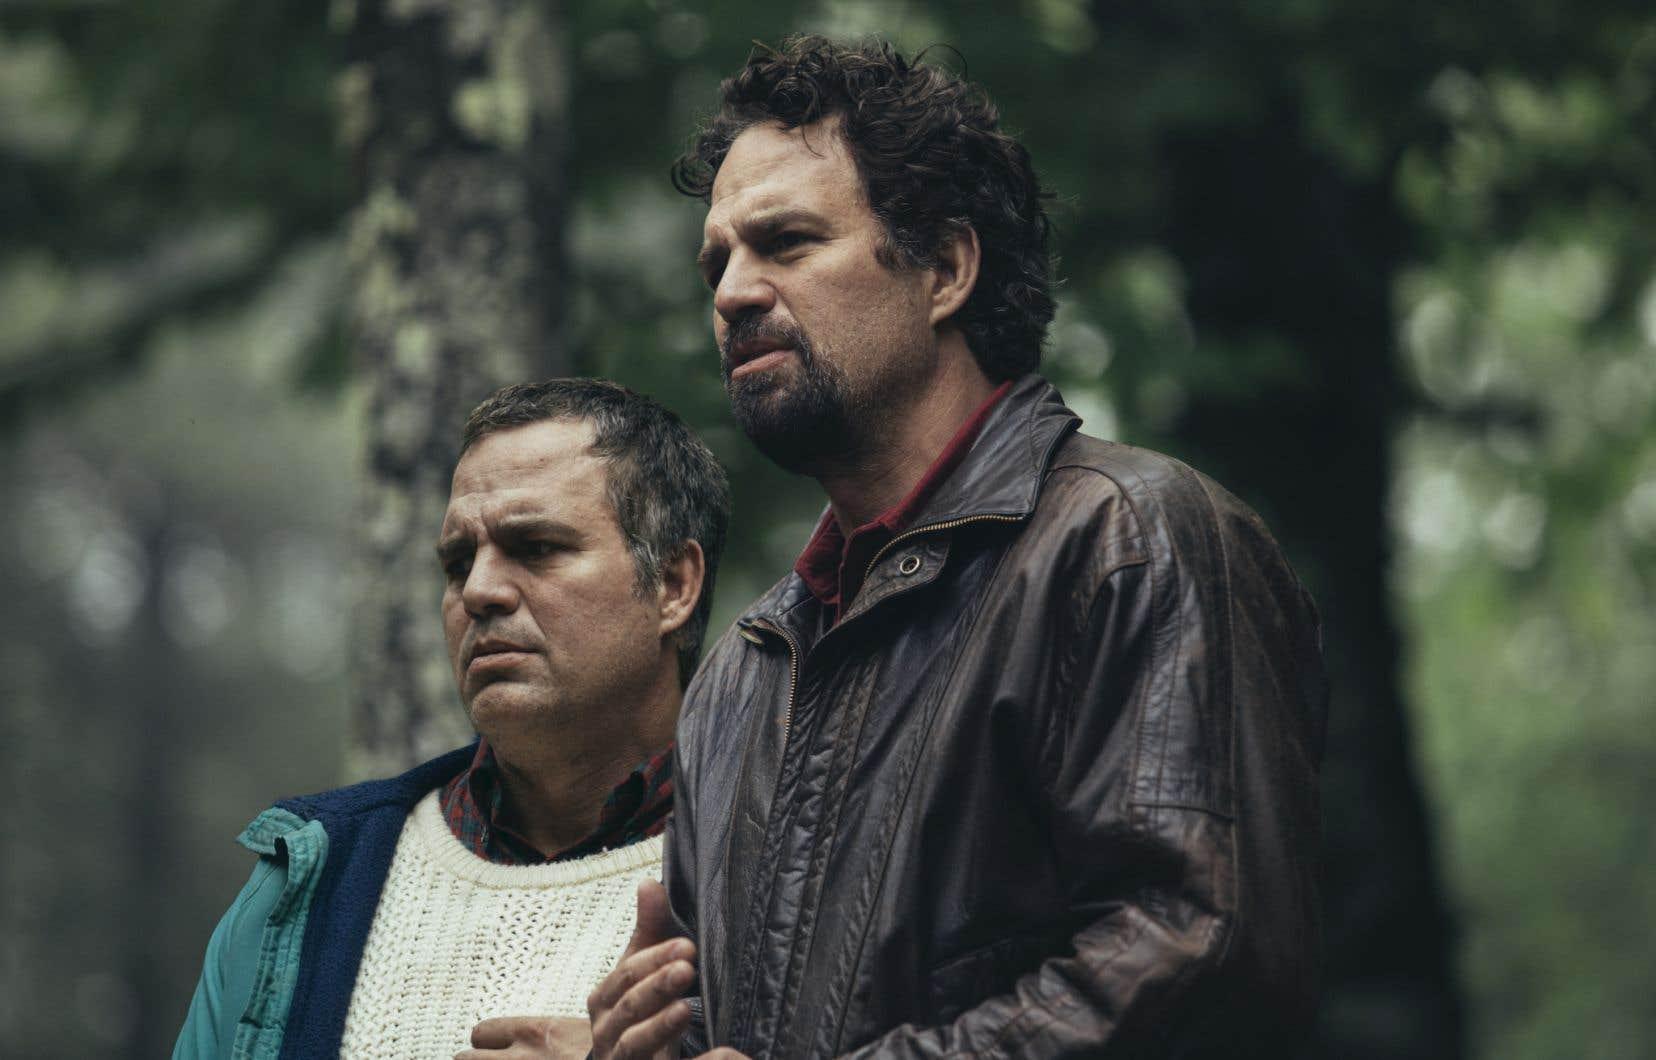 Il faut souligner la double performance de Mark Ruffalo, aussi à l'aise dans le rôle de Dominick Birdsey, quadragénaire au caractère impétueux dont l'existence est une suite de tragédies, que dans celui de son frère jumeau Thomas, qui souffre de schizophrénie paranoïde.